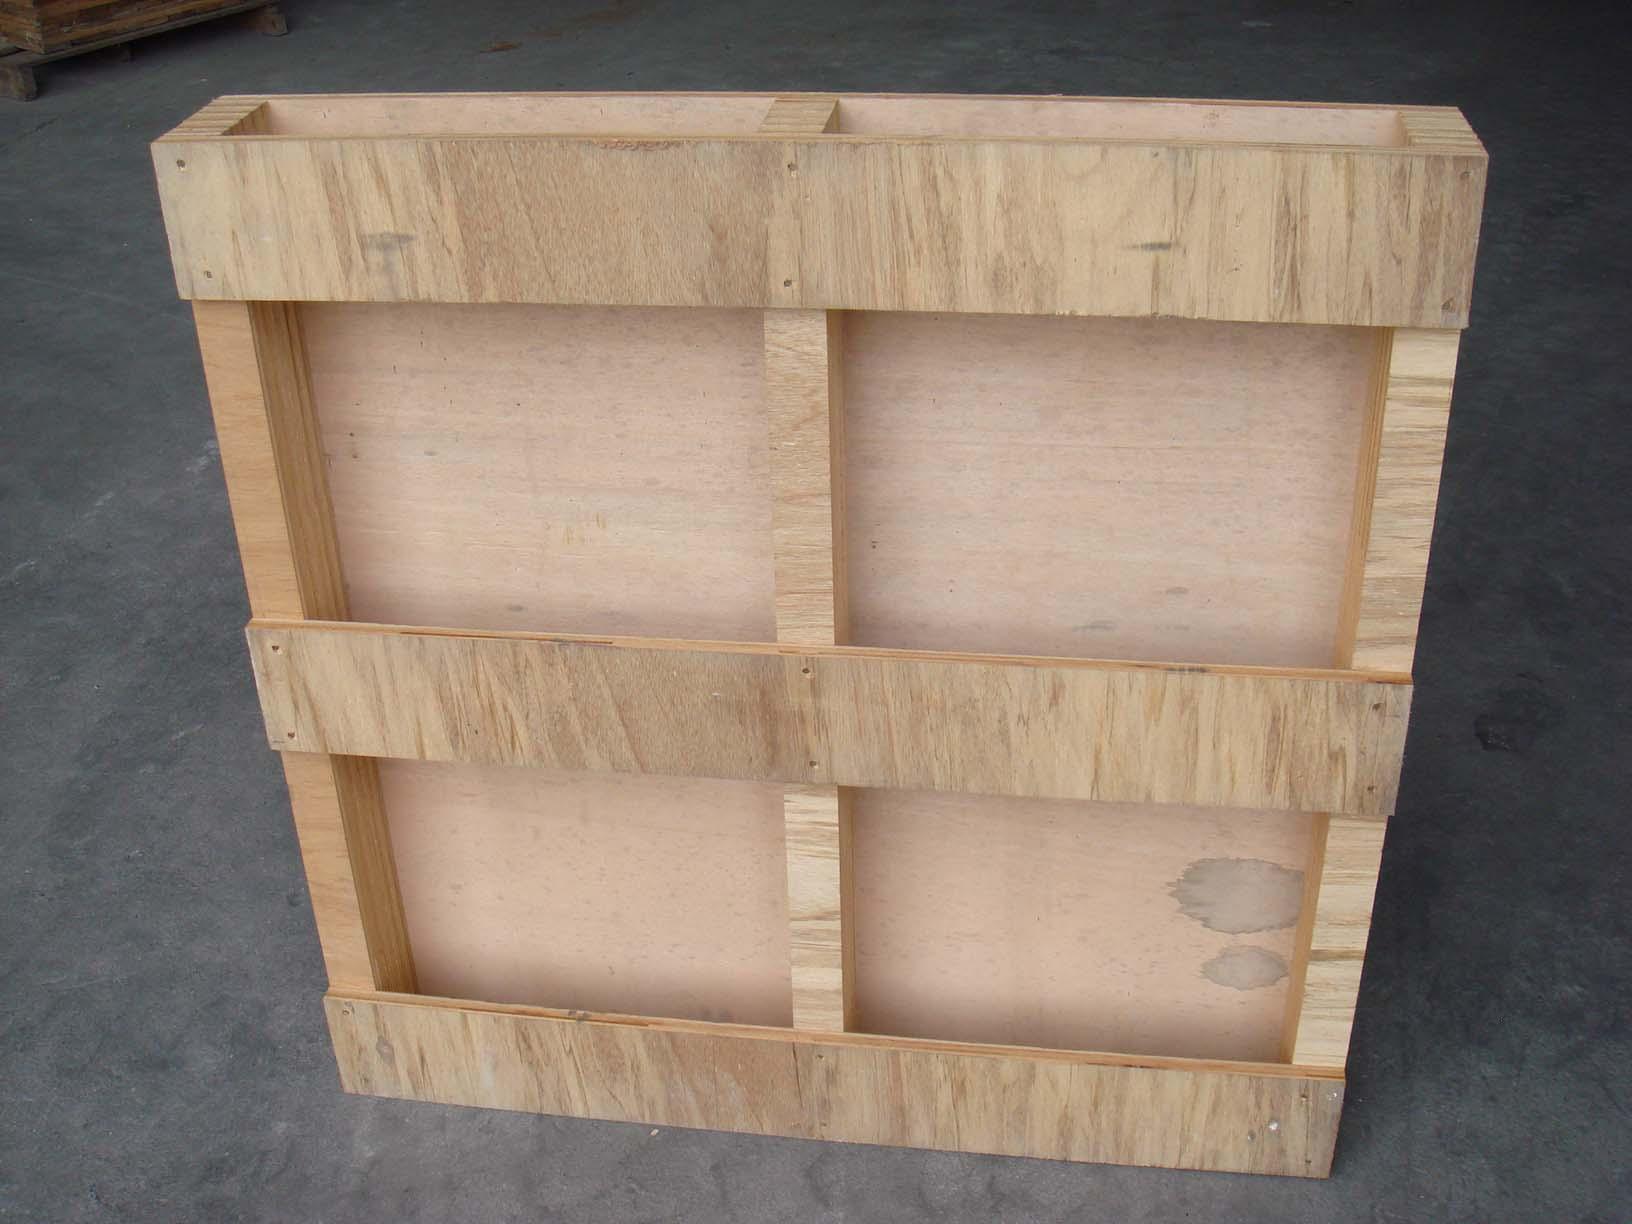 泉州木卡板-厦门胶合栈板经销商-厦门胶合栈板